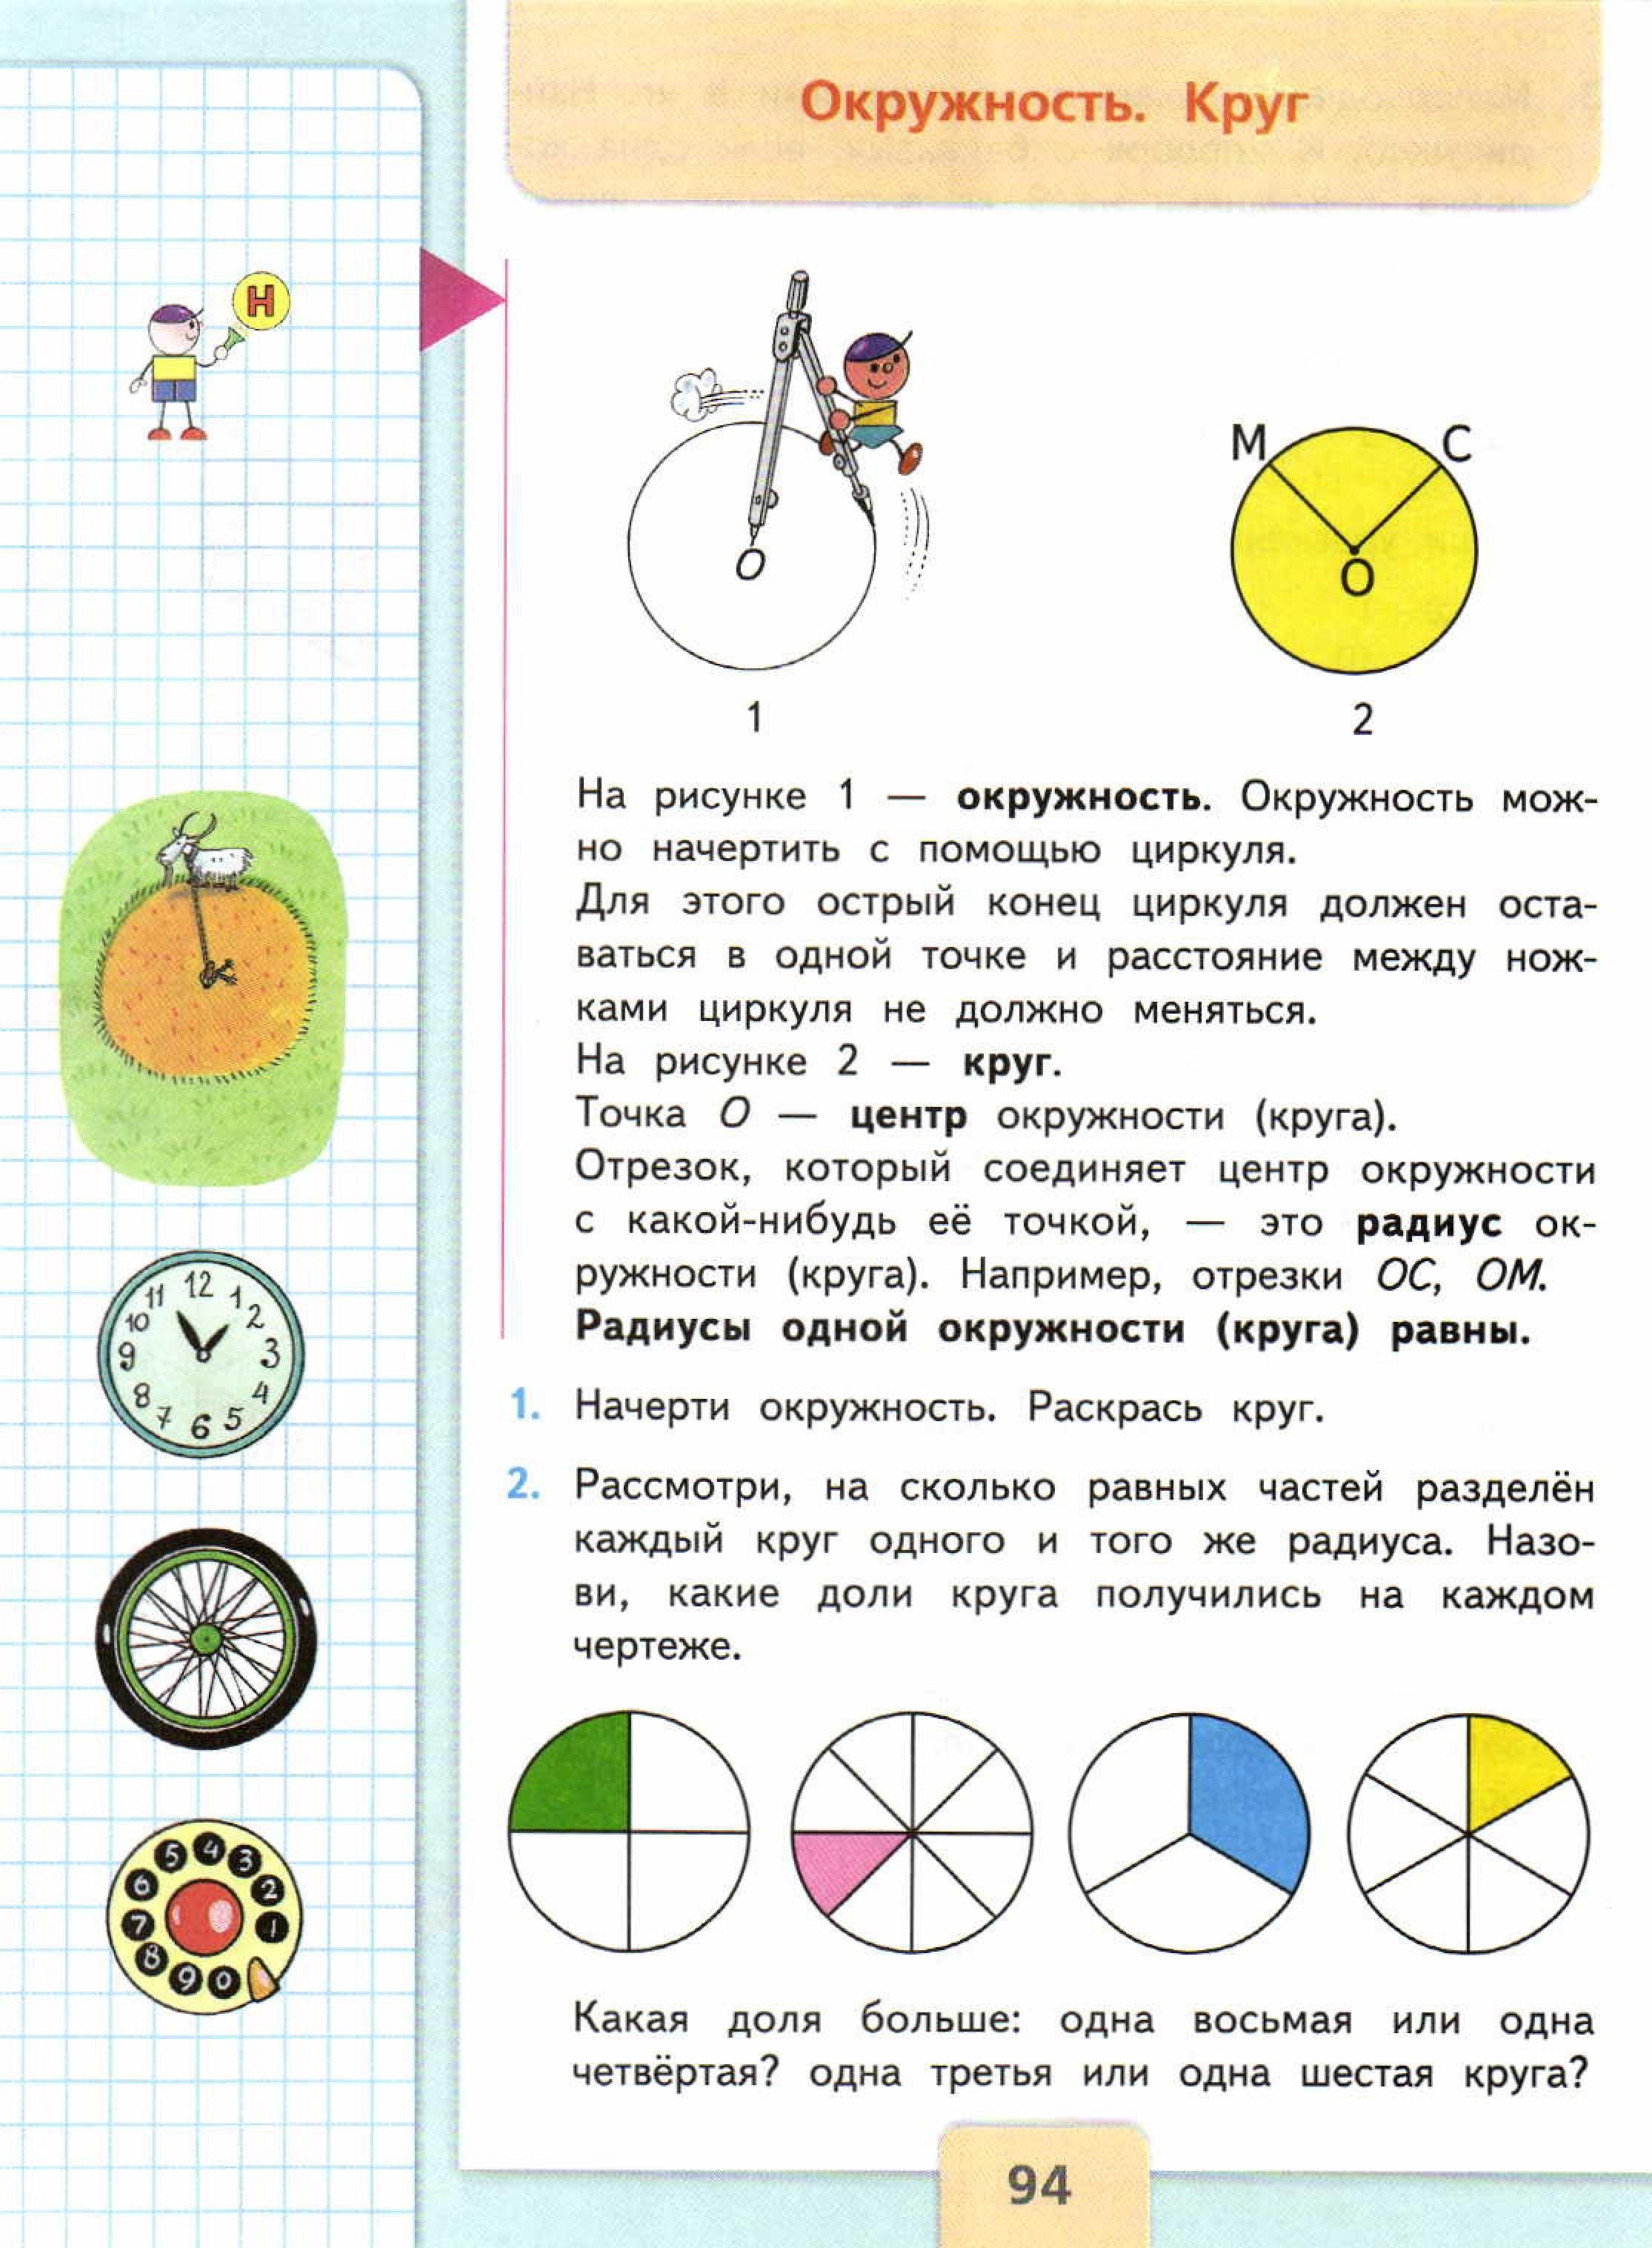 Спиши.ру гдз по алгебре и геометрии 7 класс самостоятельные и контрольные работы ершова голобородько